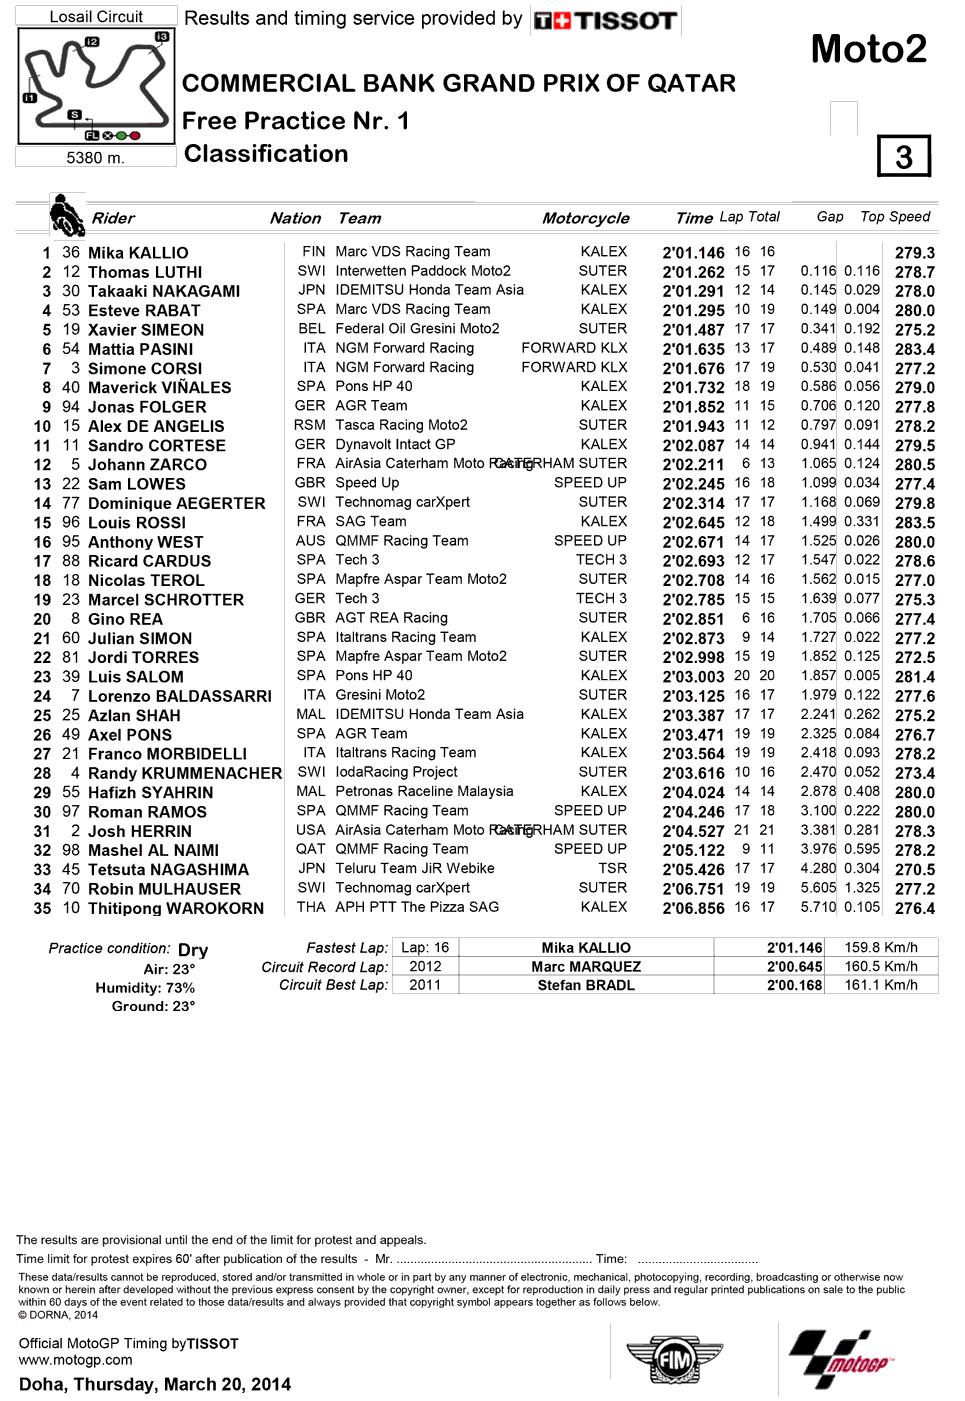 Результаты первой практики Moto2 Гран-При Катара 2014